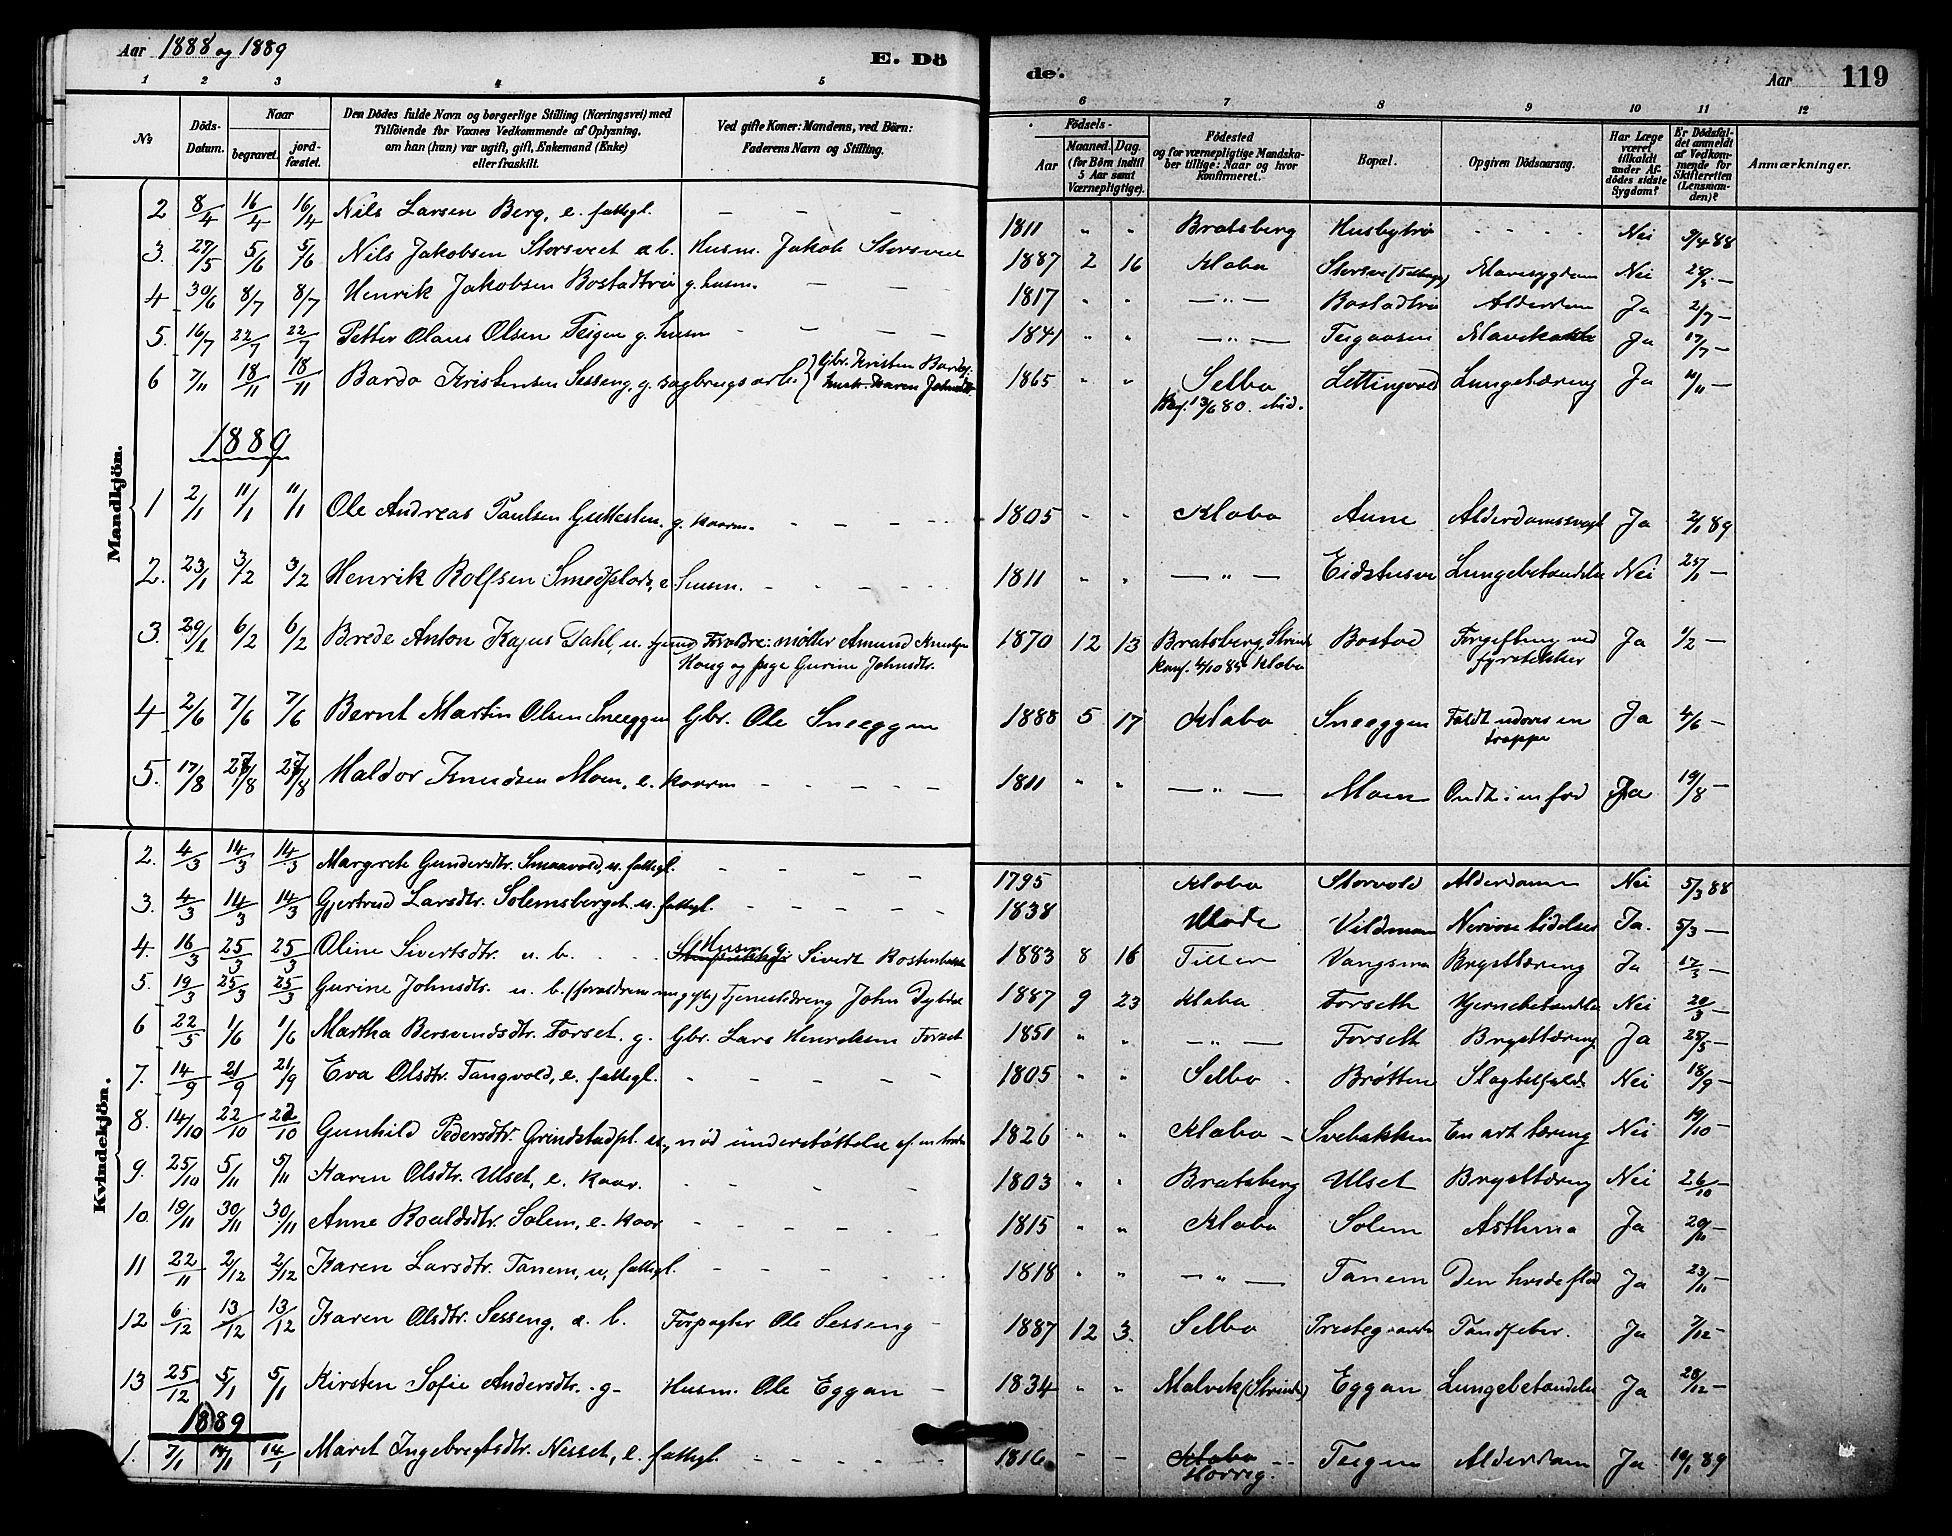 SAT, Ministerialprotokoller, klokkerbøker og fødselsregistre - Sør-Trøndelag, 618/L0444: Ministerialbok nr. 618A07, 1880-1898, s. 119